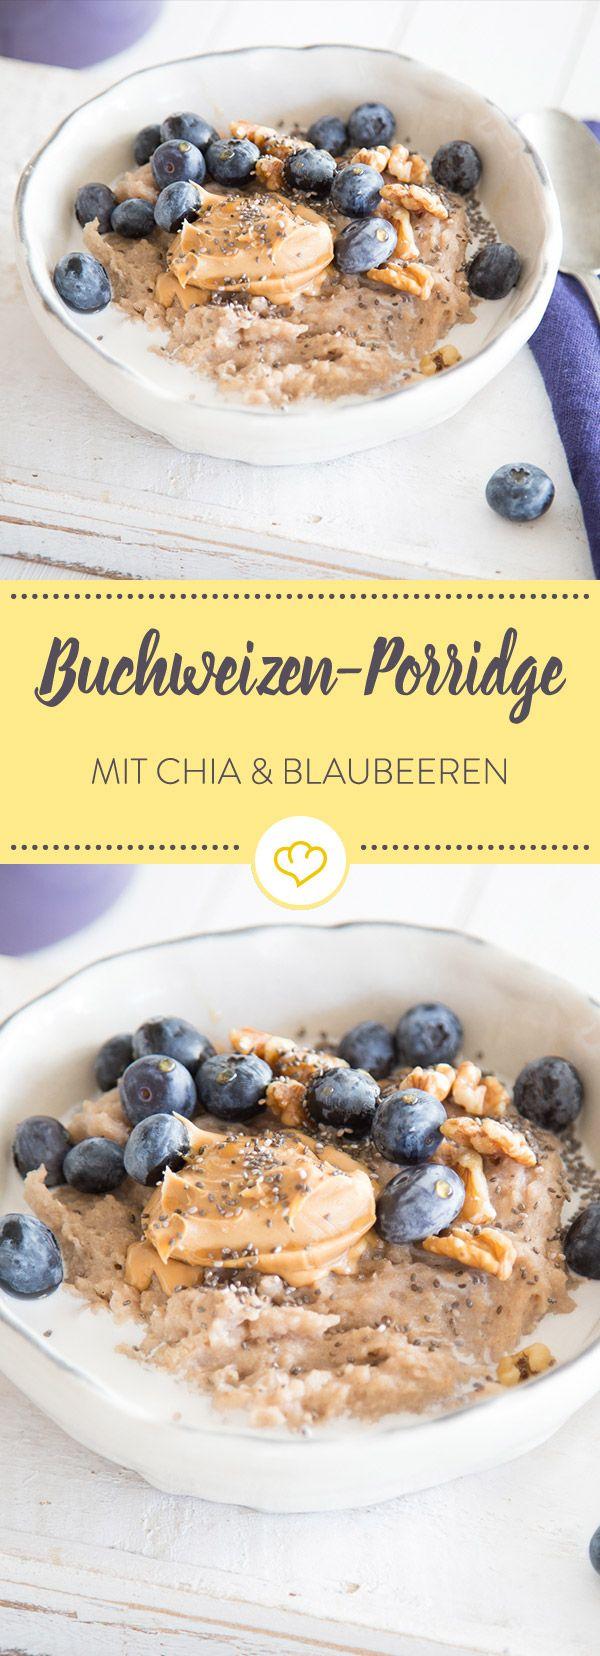 Schmeckt lecker, macht lange satt und ist gesund. Wunderbares Buchweizen-Porridge, getoppt von Chia-Samen, Mandelmus, Walnüssen und frischen Blaubeeren.